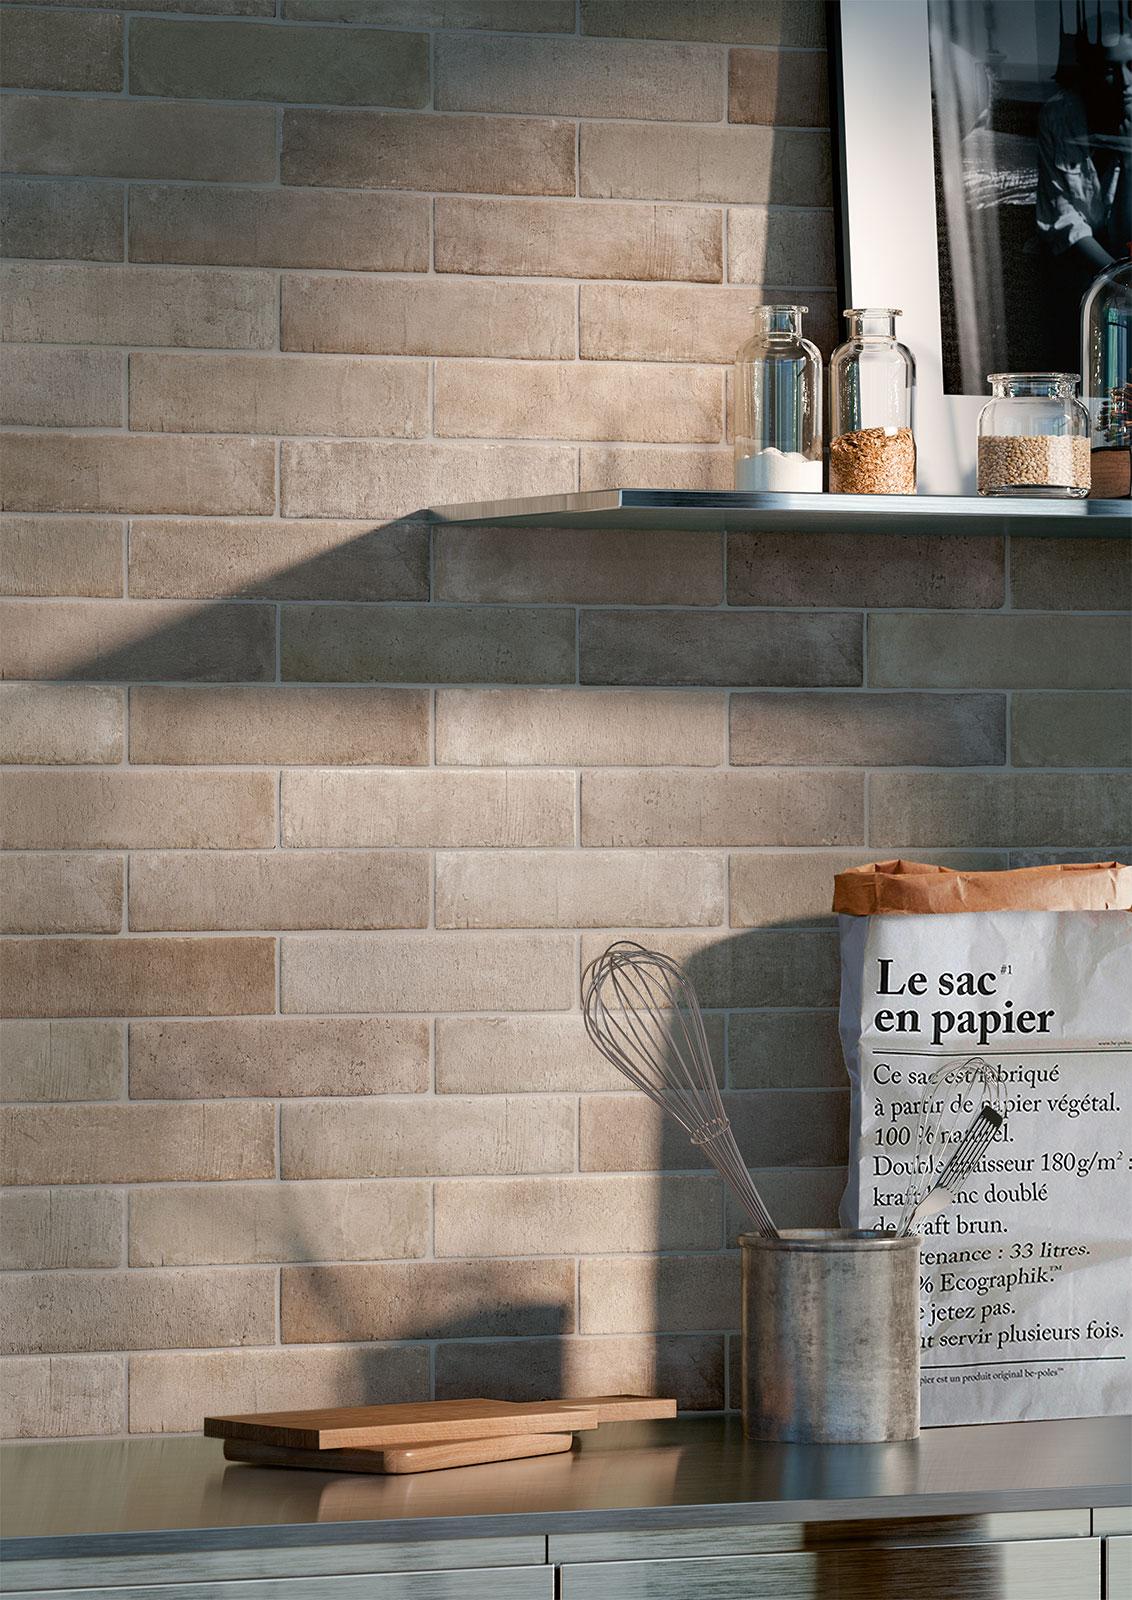 Baldosas Baño Saloni:Elige los azulejos de Marazzi para tu cocina: mira azulejos de diseño